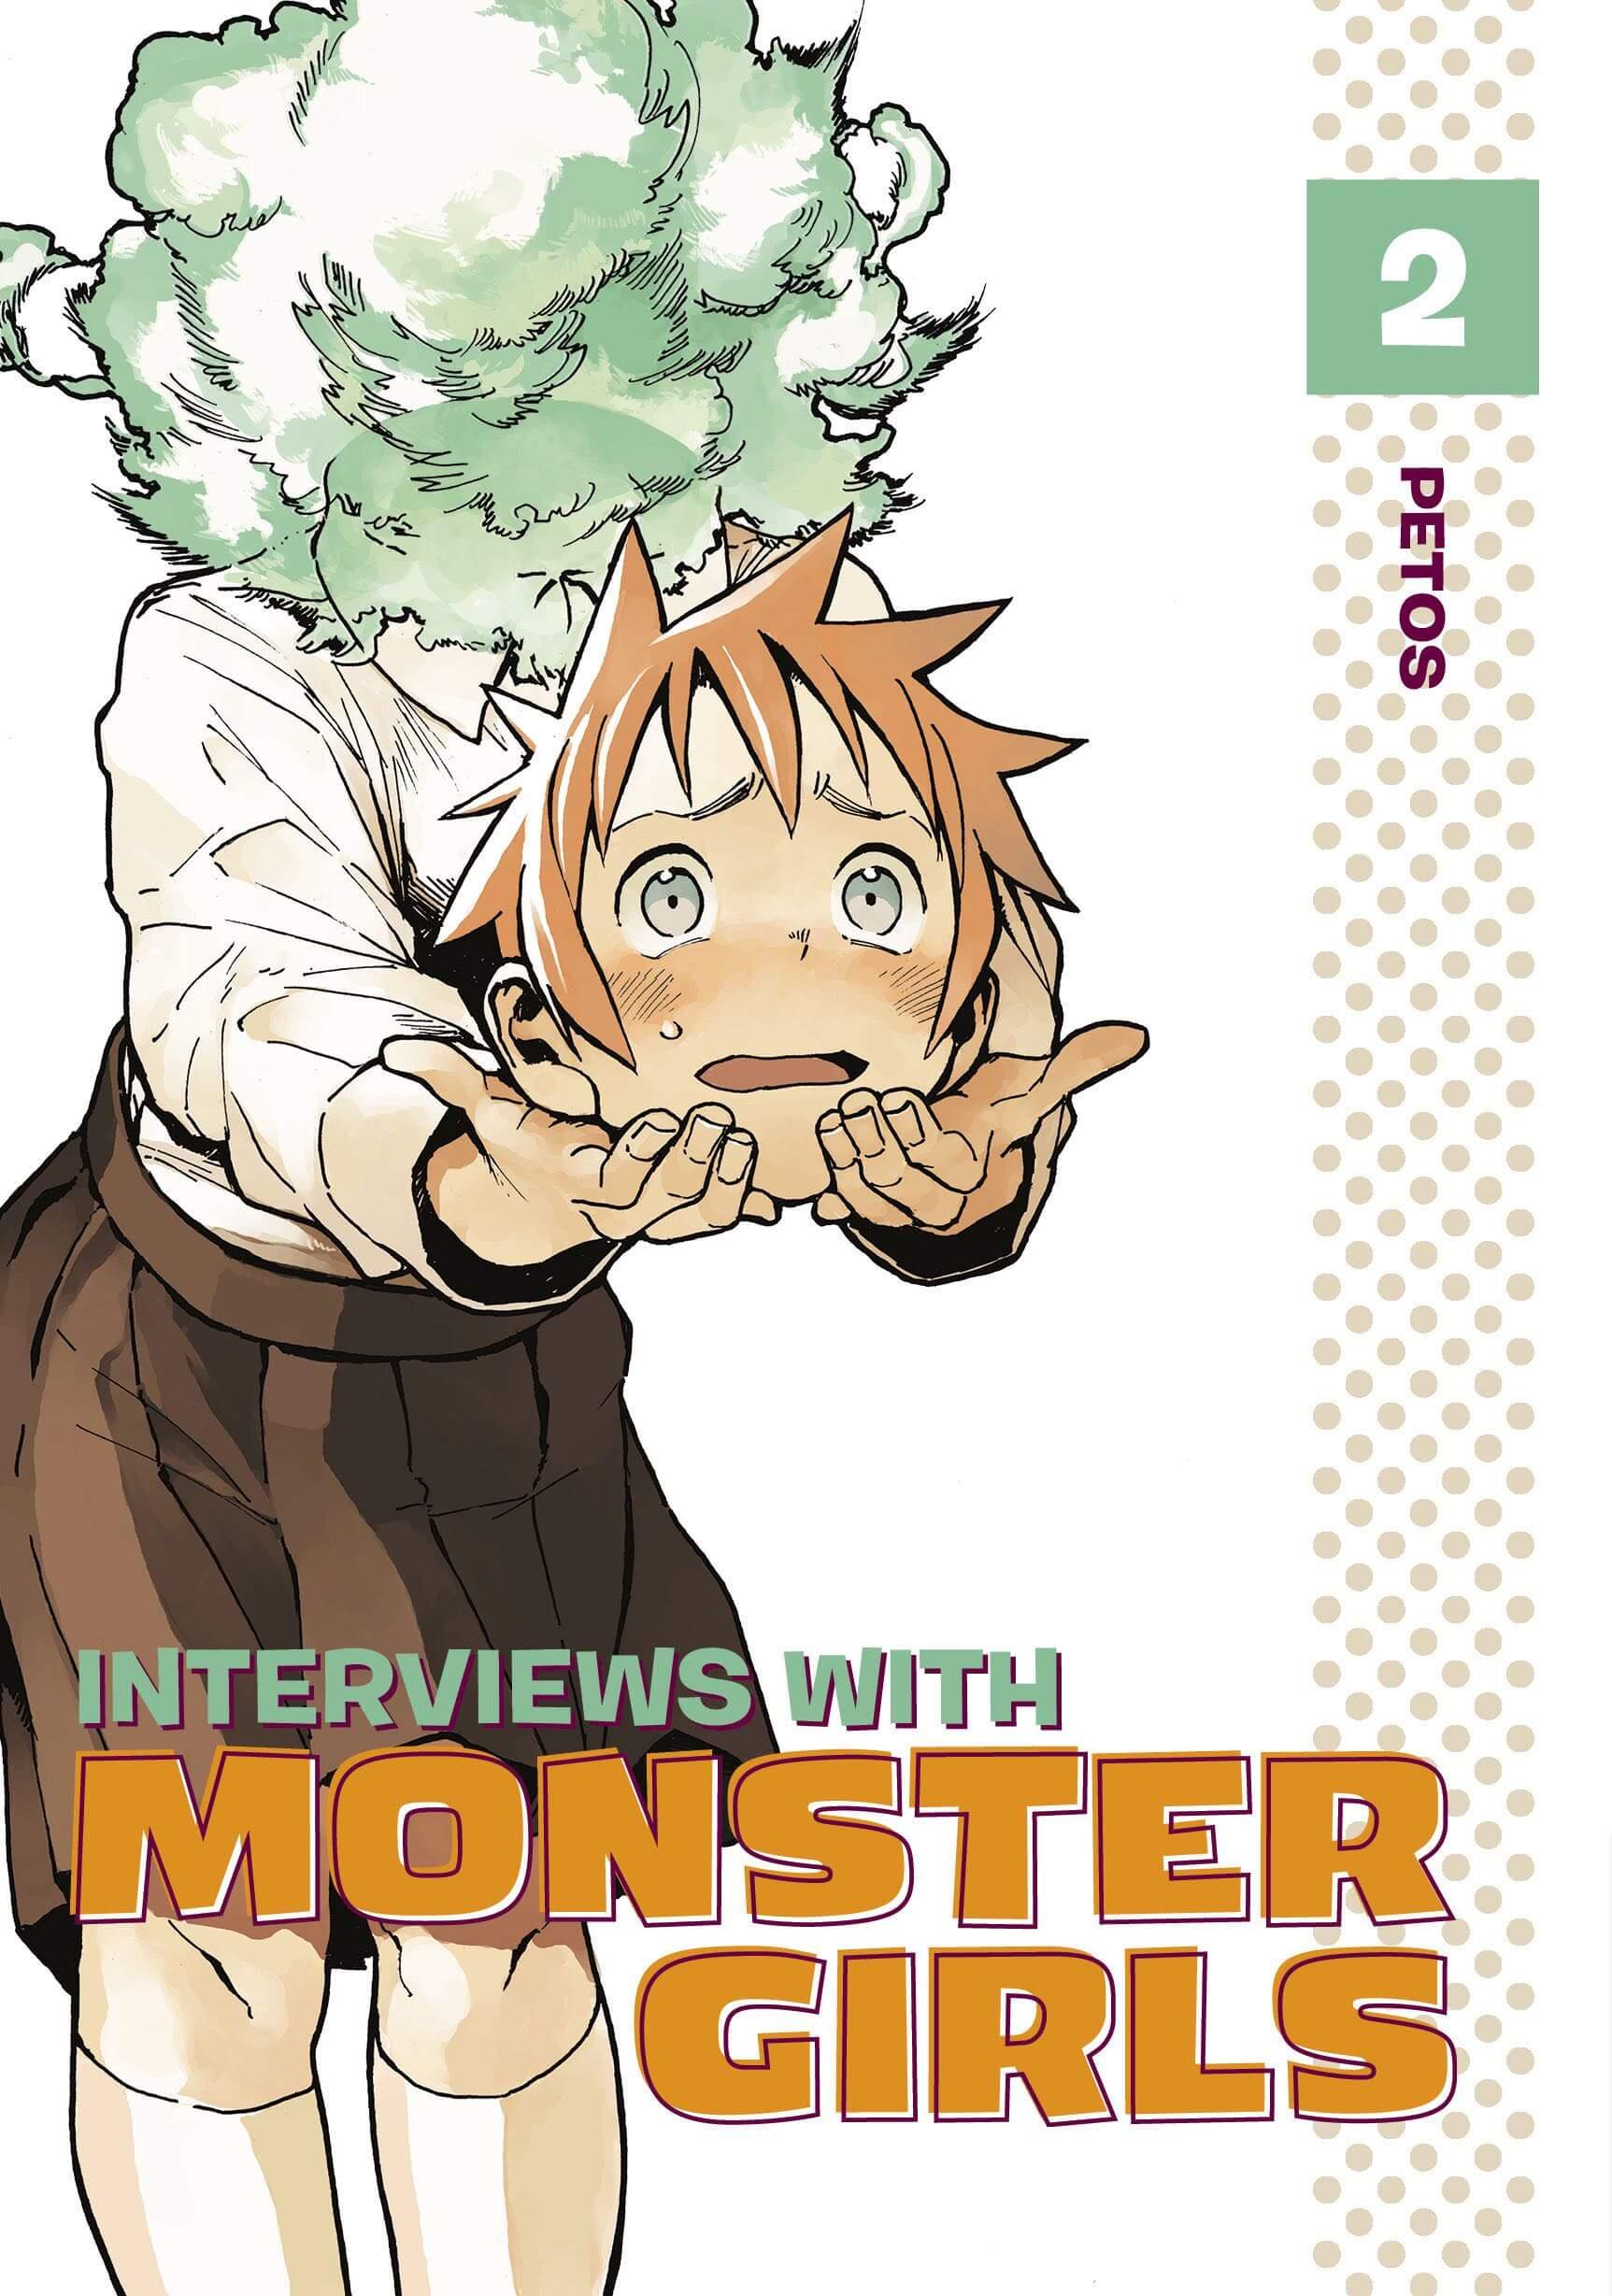 Interviews with Monster Girls 2 - Kodansha Comics